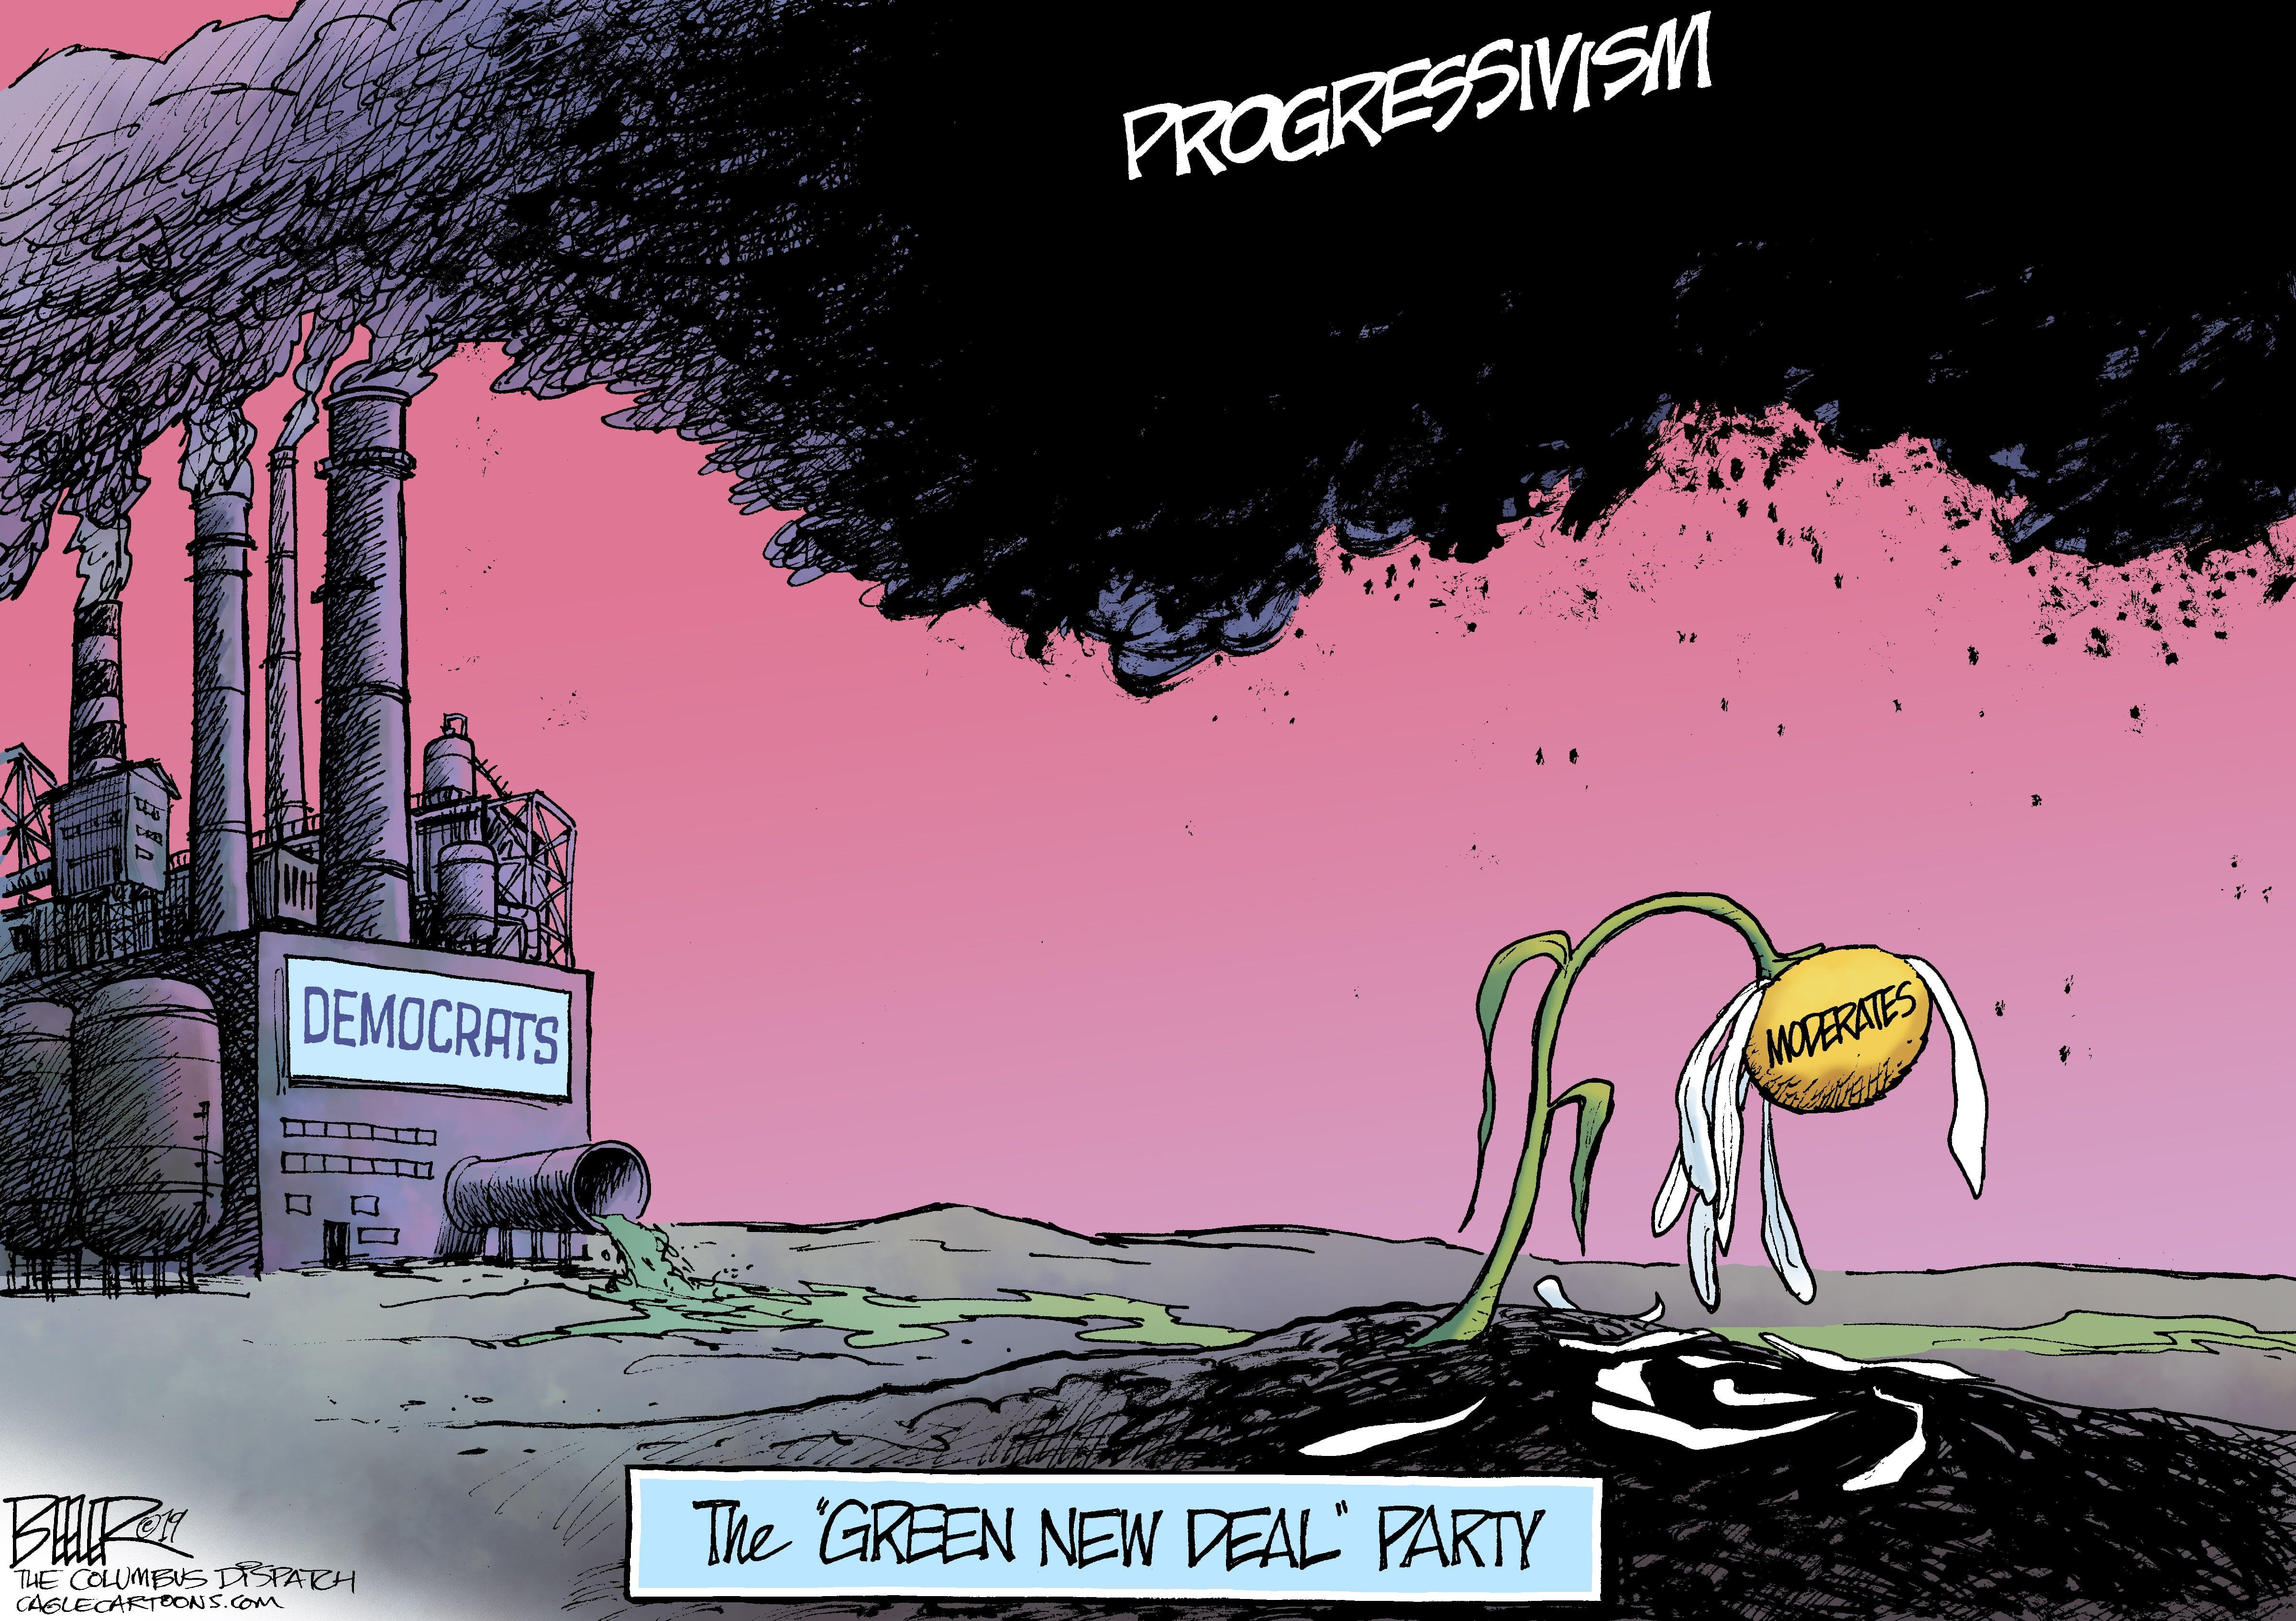 March 8: New Democrats